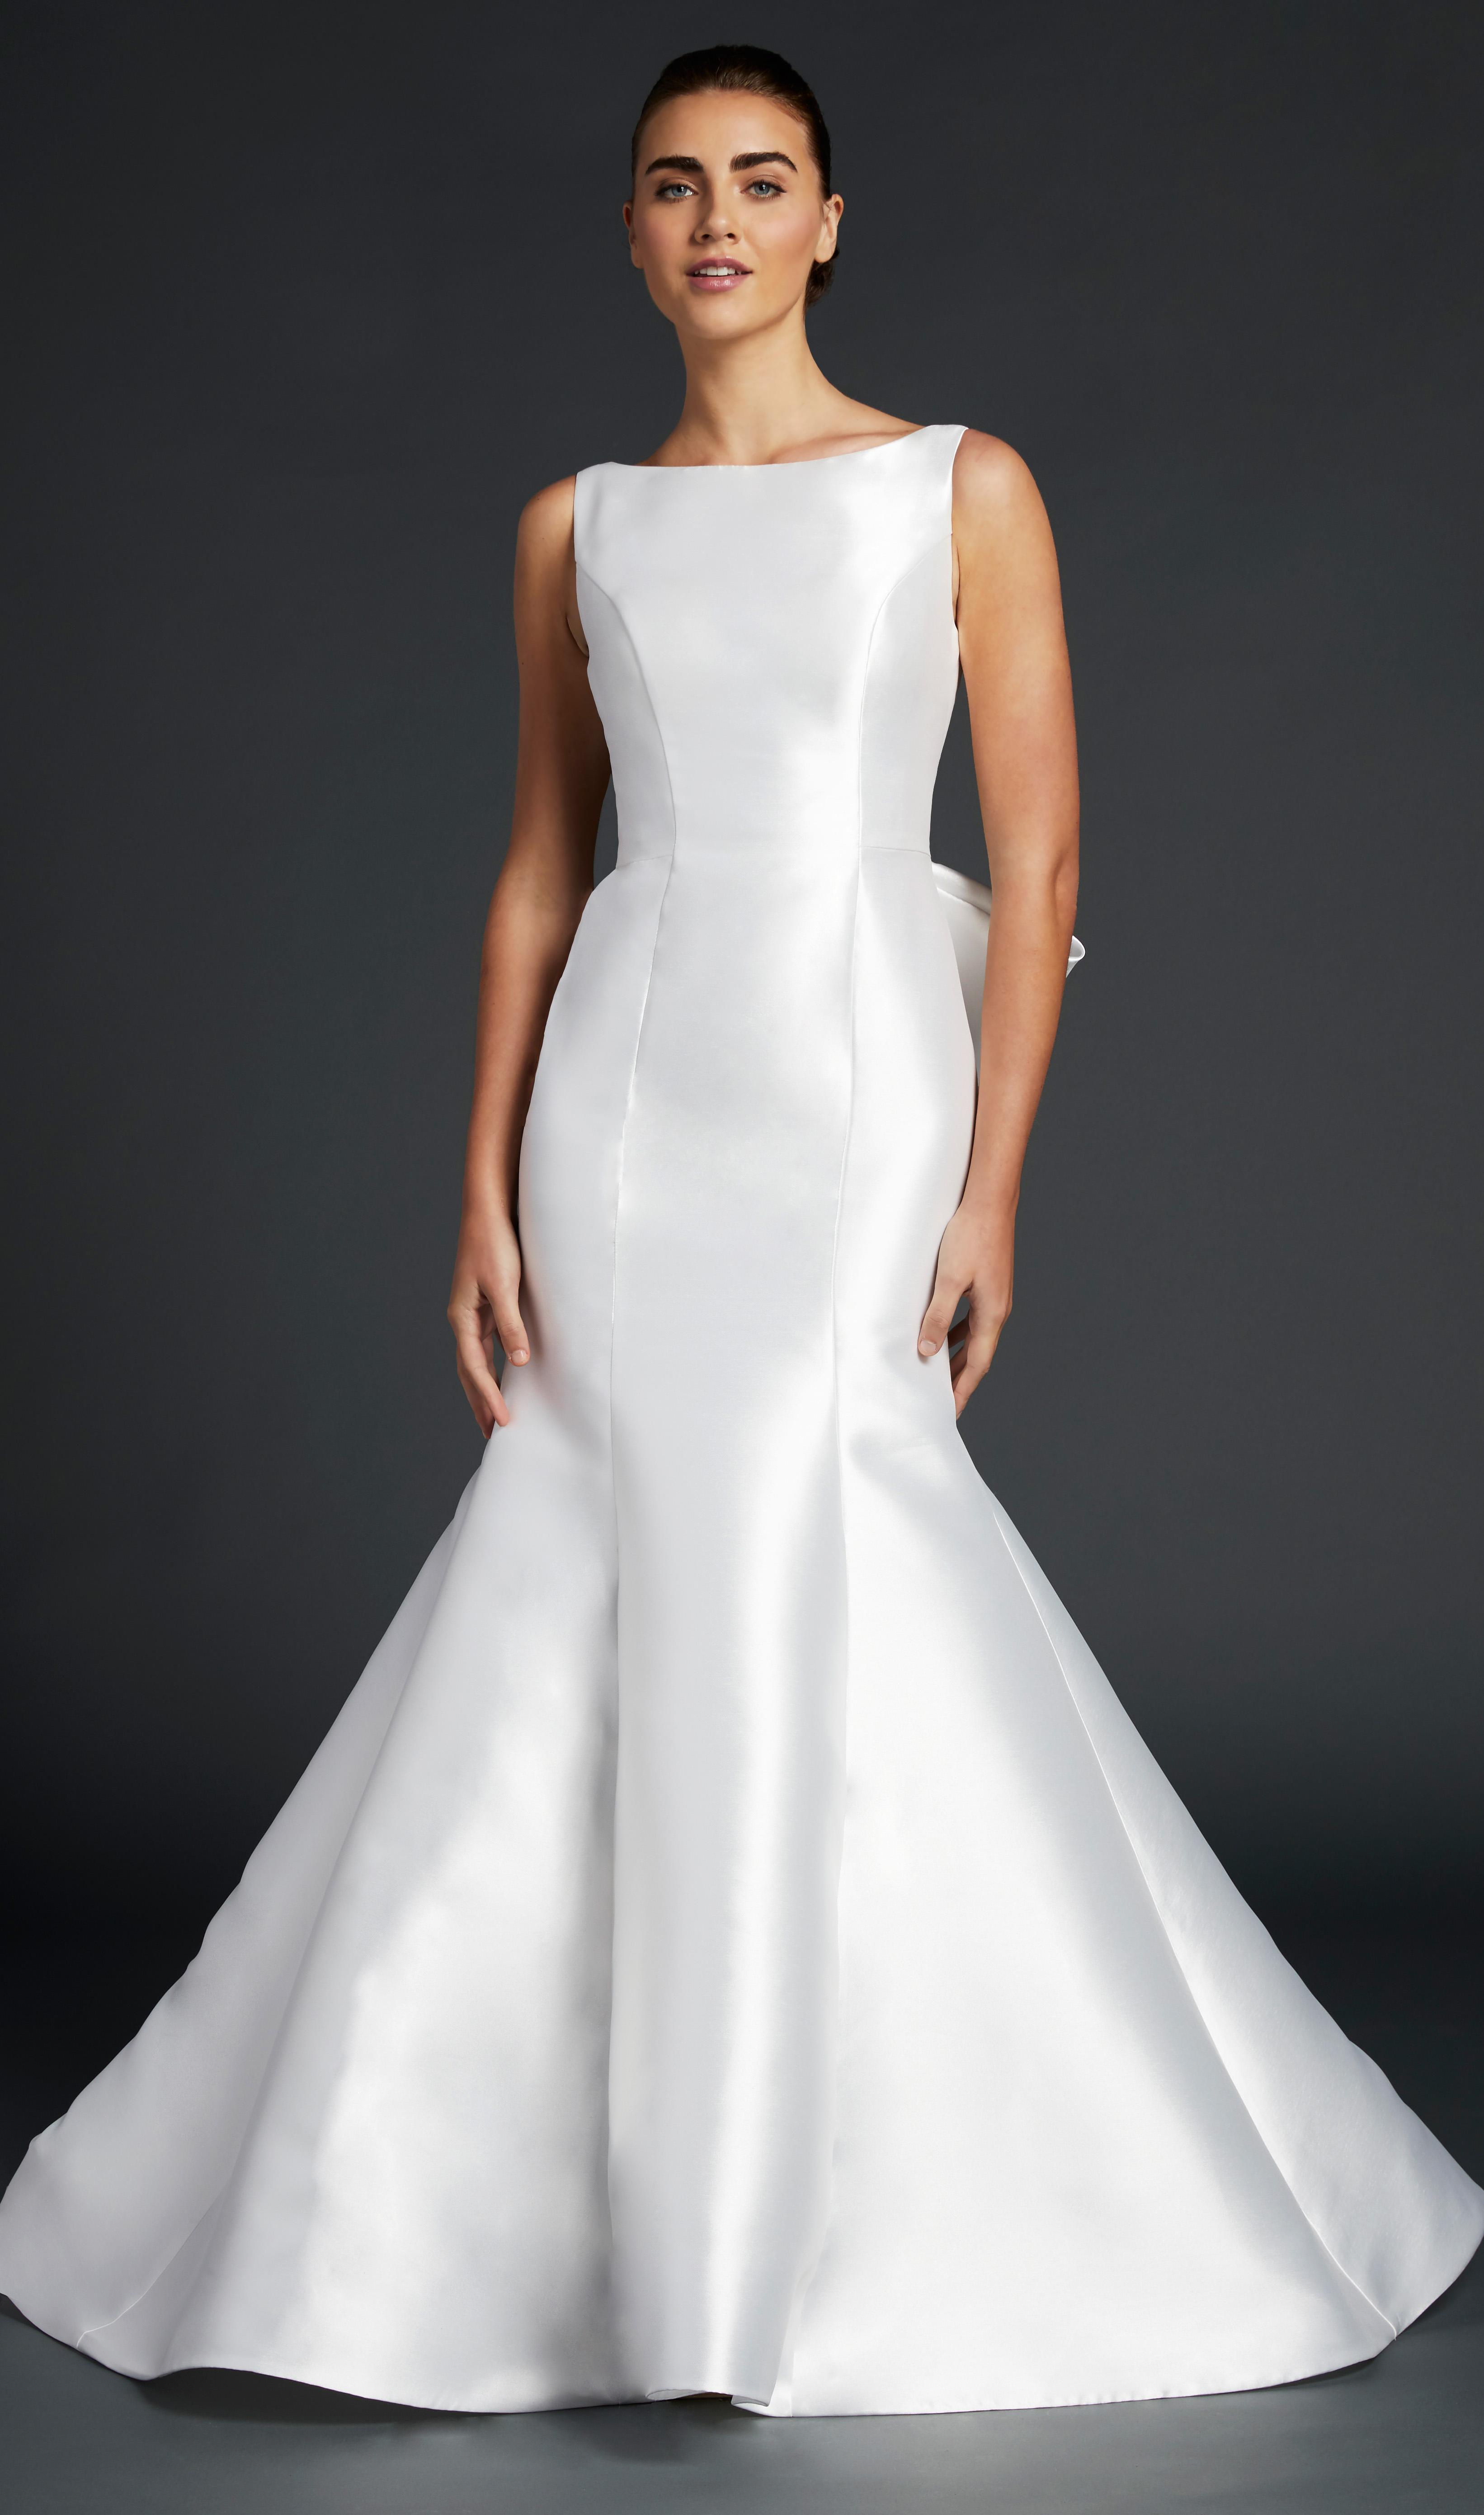 blue willow wedding dress sleeveless high neck satin trumpet